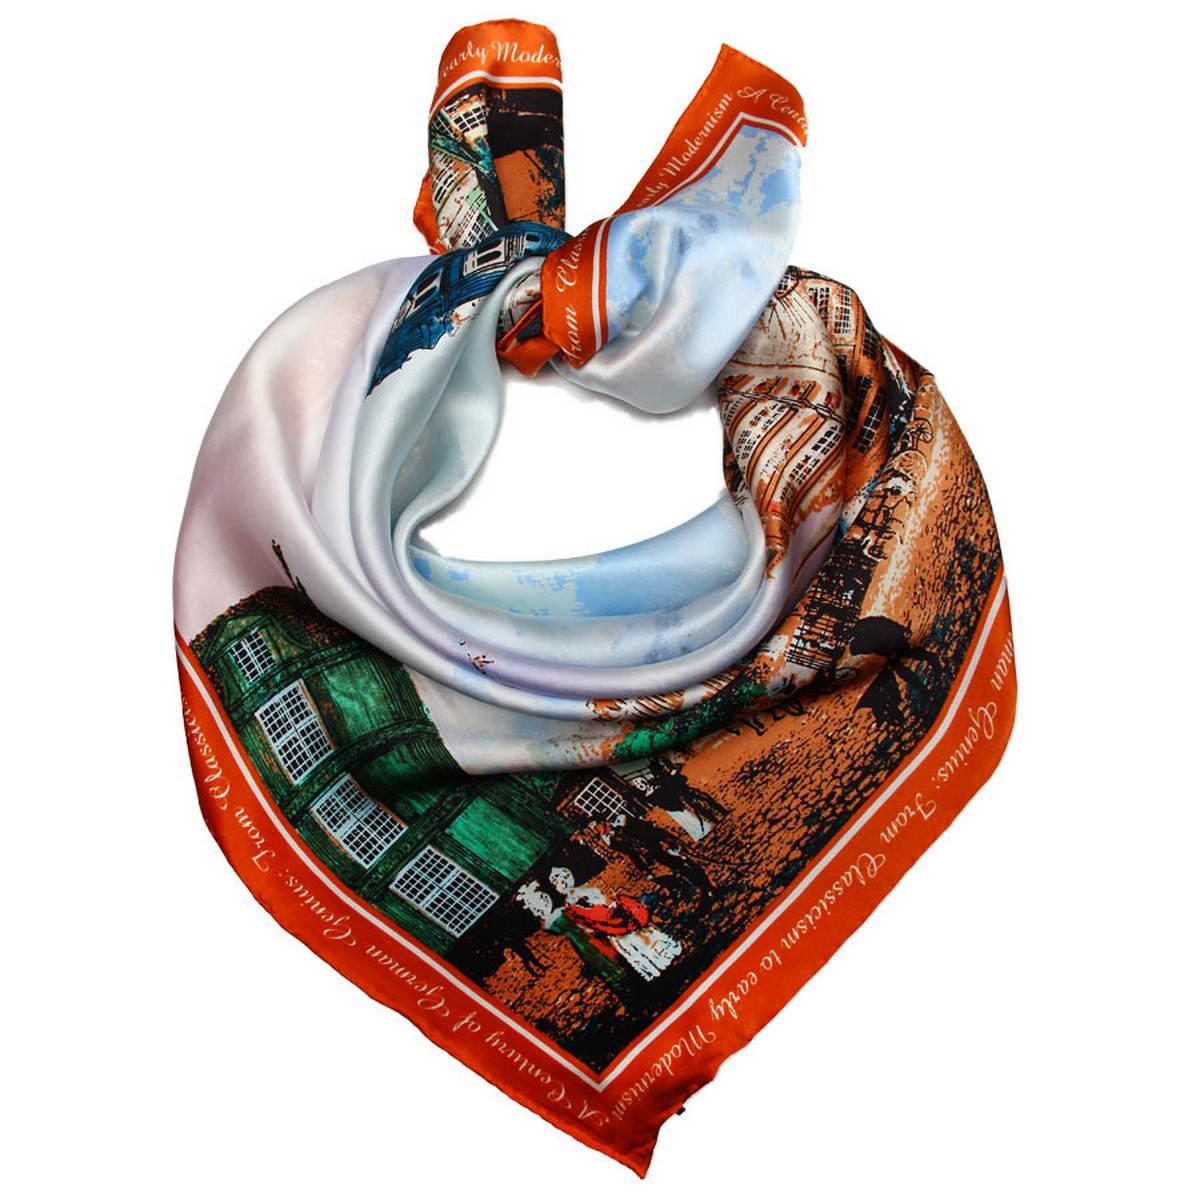 Платок женский Venera, цвет: синий, терракотовый, зеленый. 1810812-1. Размер 90 см х 90 см1810812-1Нежный шелковый платок Venera станет нарядным аксессуаром, который призван подчеркнуть индивидуальность и очарование женщины. Оригинальный дизайн полотна с изображением города придаст вашему образу хорошего настроения и привлечёт всеобщее внимание. Края платка качественно обработаны вручную.Этот модный аксессуар женского гардероба гармонично дополнит образ современной женщины, следящей за своим имиджем и стремящейся всегда оставаться стильной и элегантной.